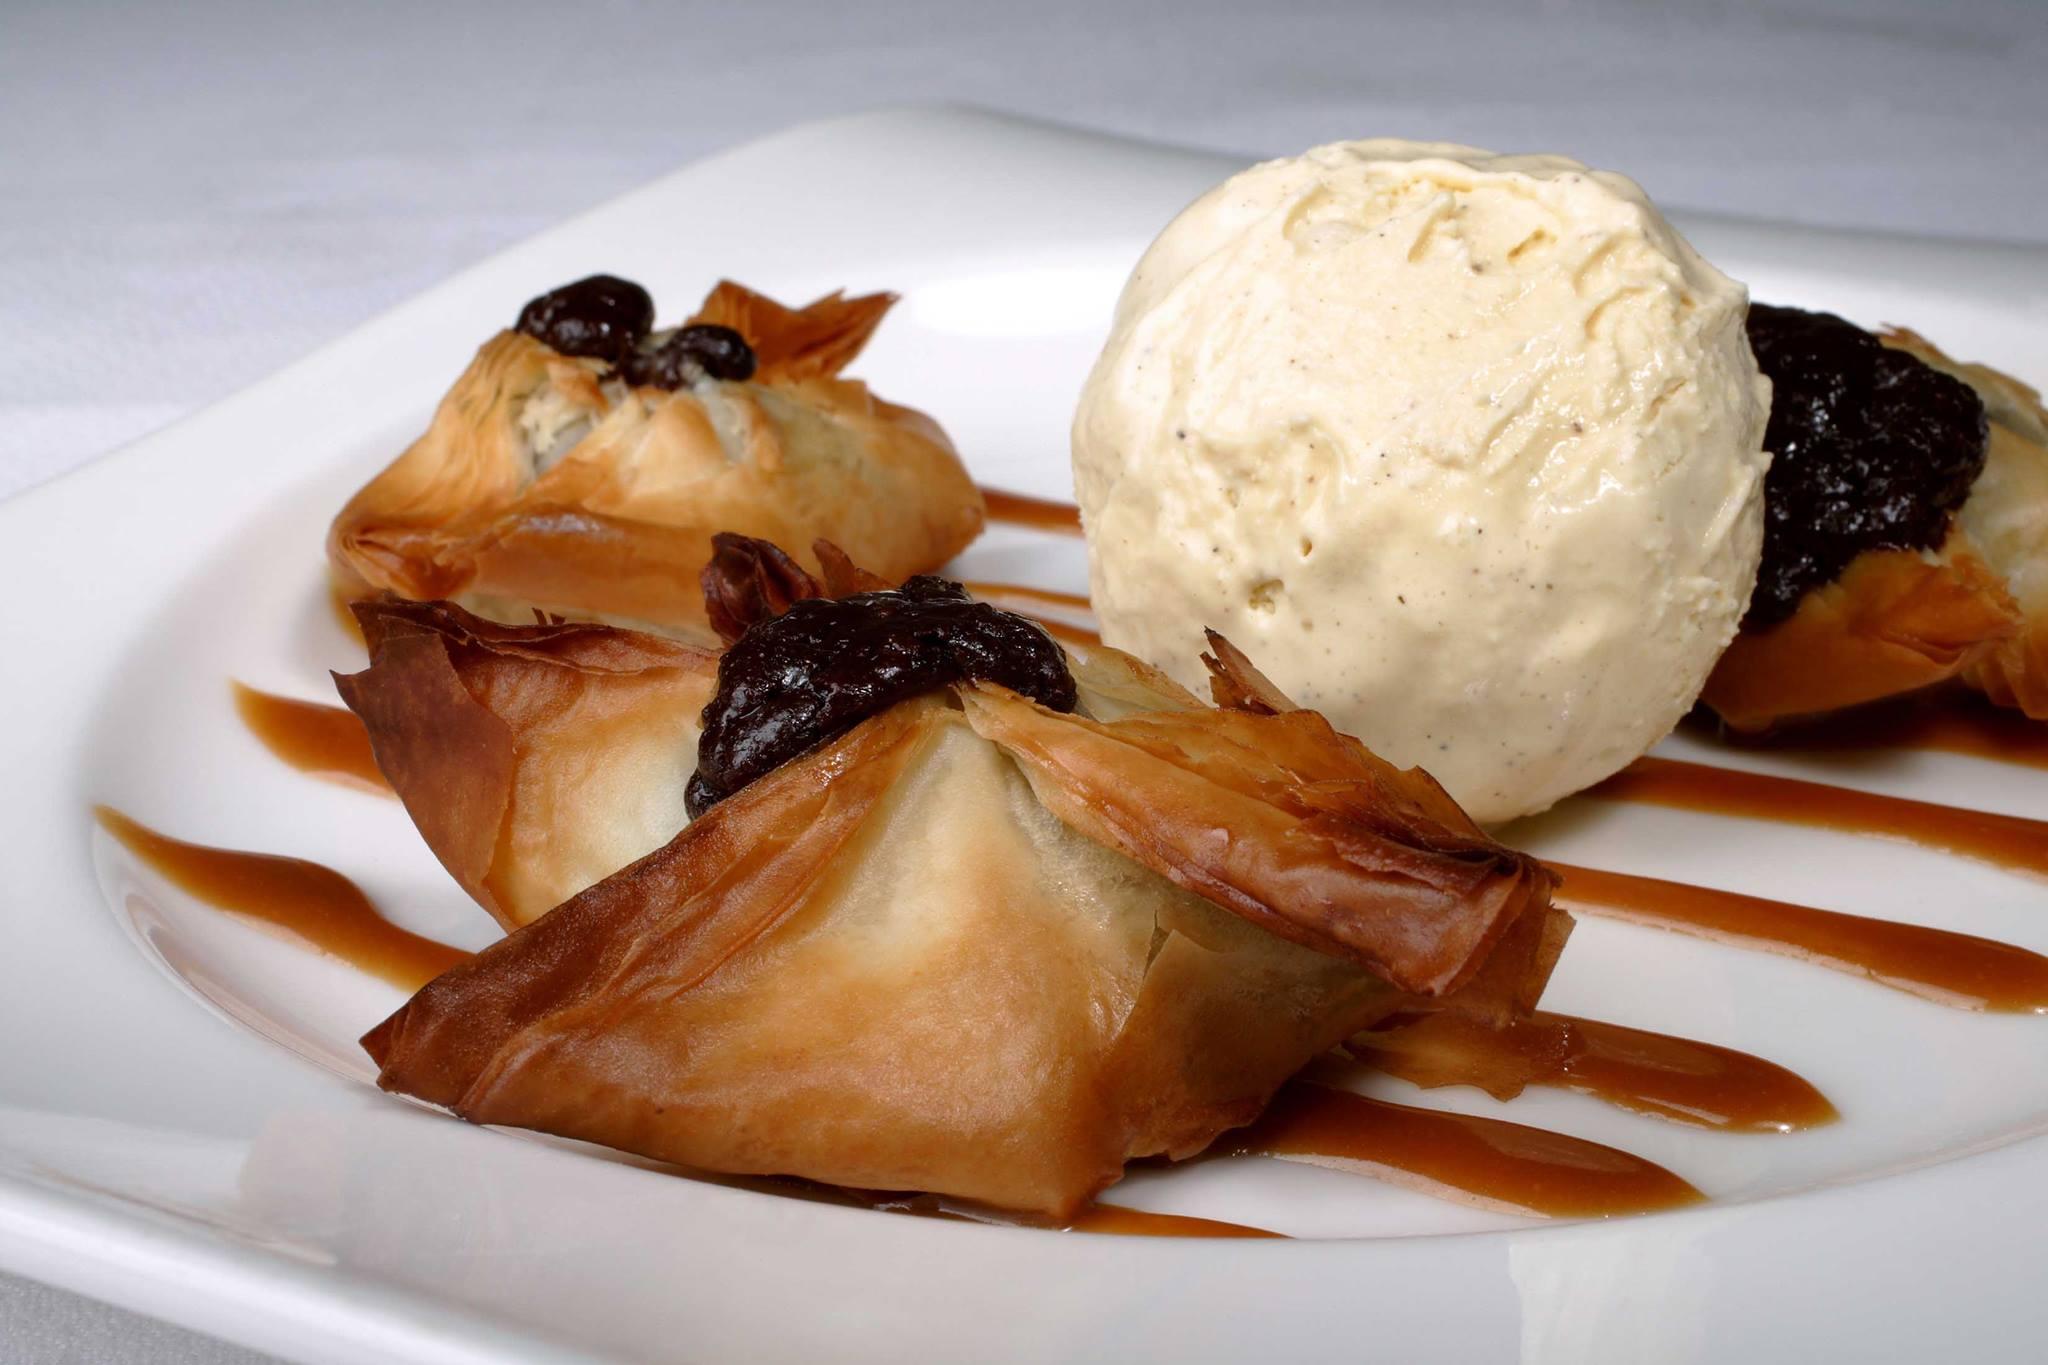 mesa-habla-postre-raviolis-chocolate-caliente-crema-helada-vainilla-jose-maria